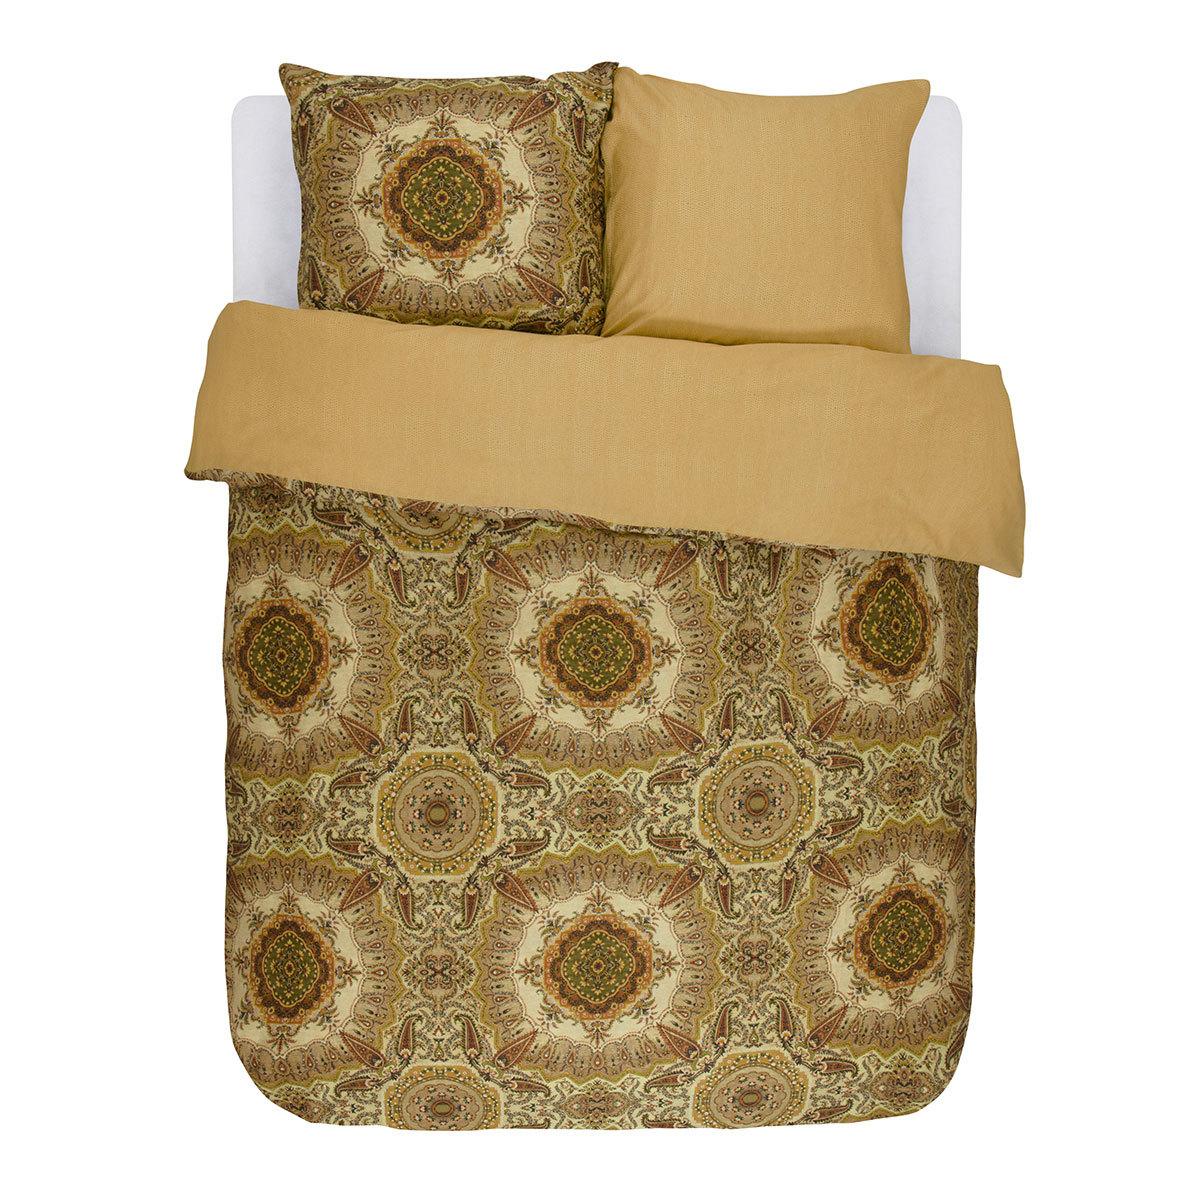 essenza mako satin bettw sche cadiz golden yellow g nstig online kaufen bei bettwaren shop. Black Bedroom Furniture Sets. Home Design Ideas